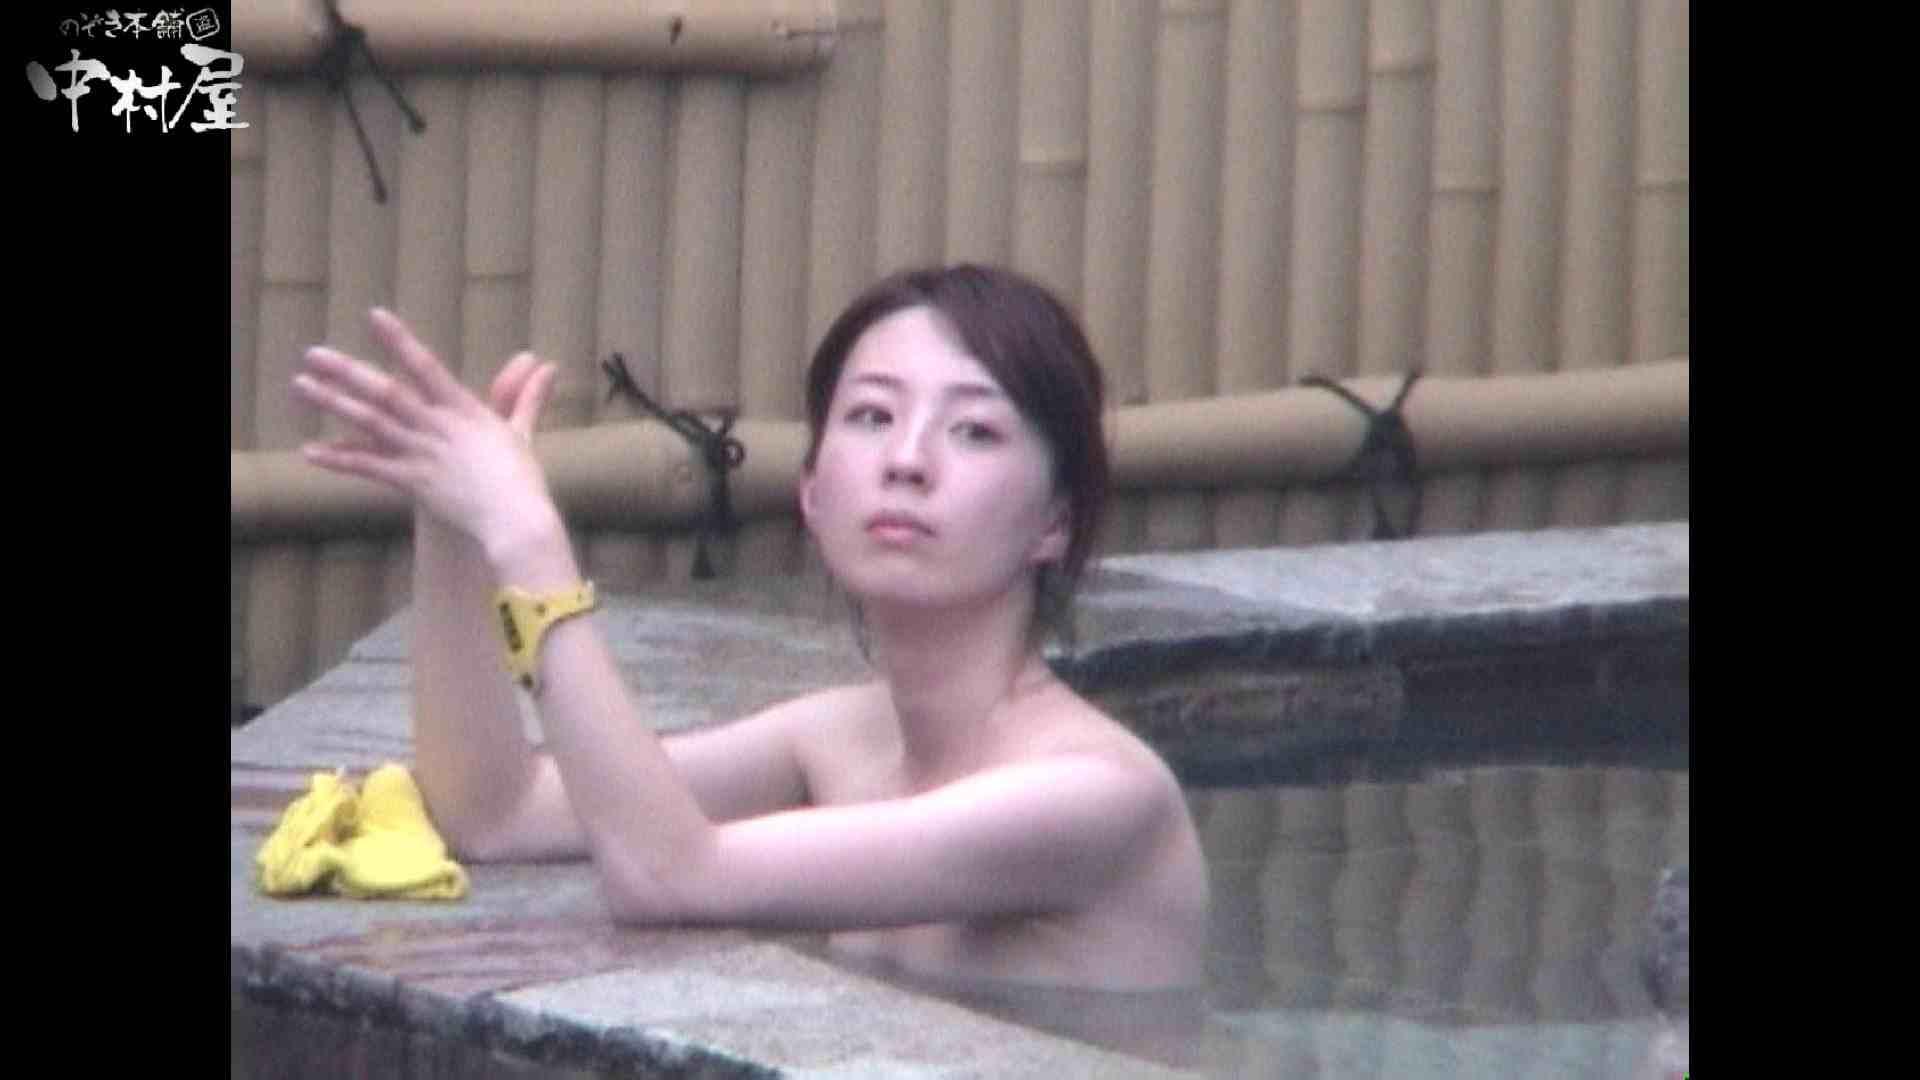 Aquaな露天風呂Vol.964 美しいOLの裸体  104pic 39